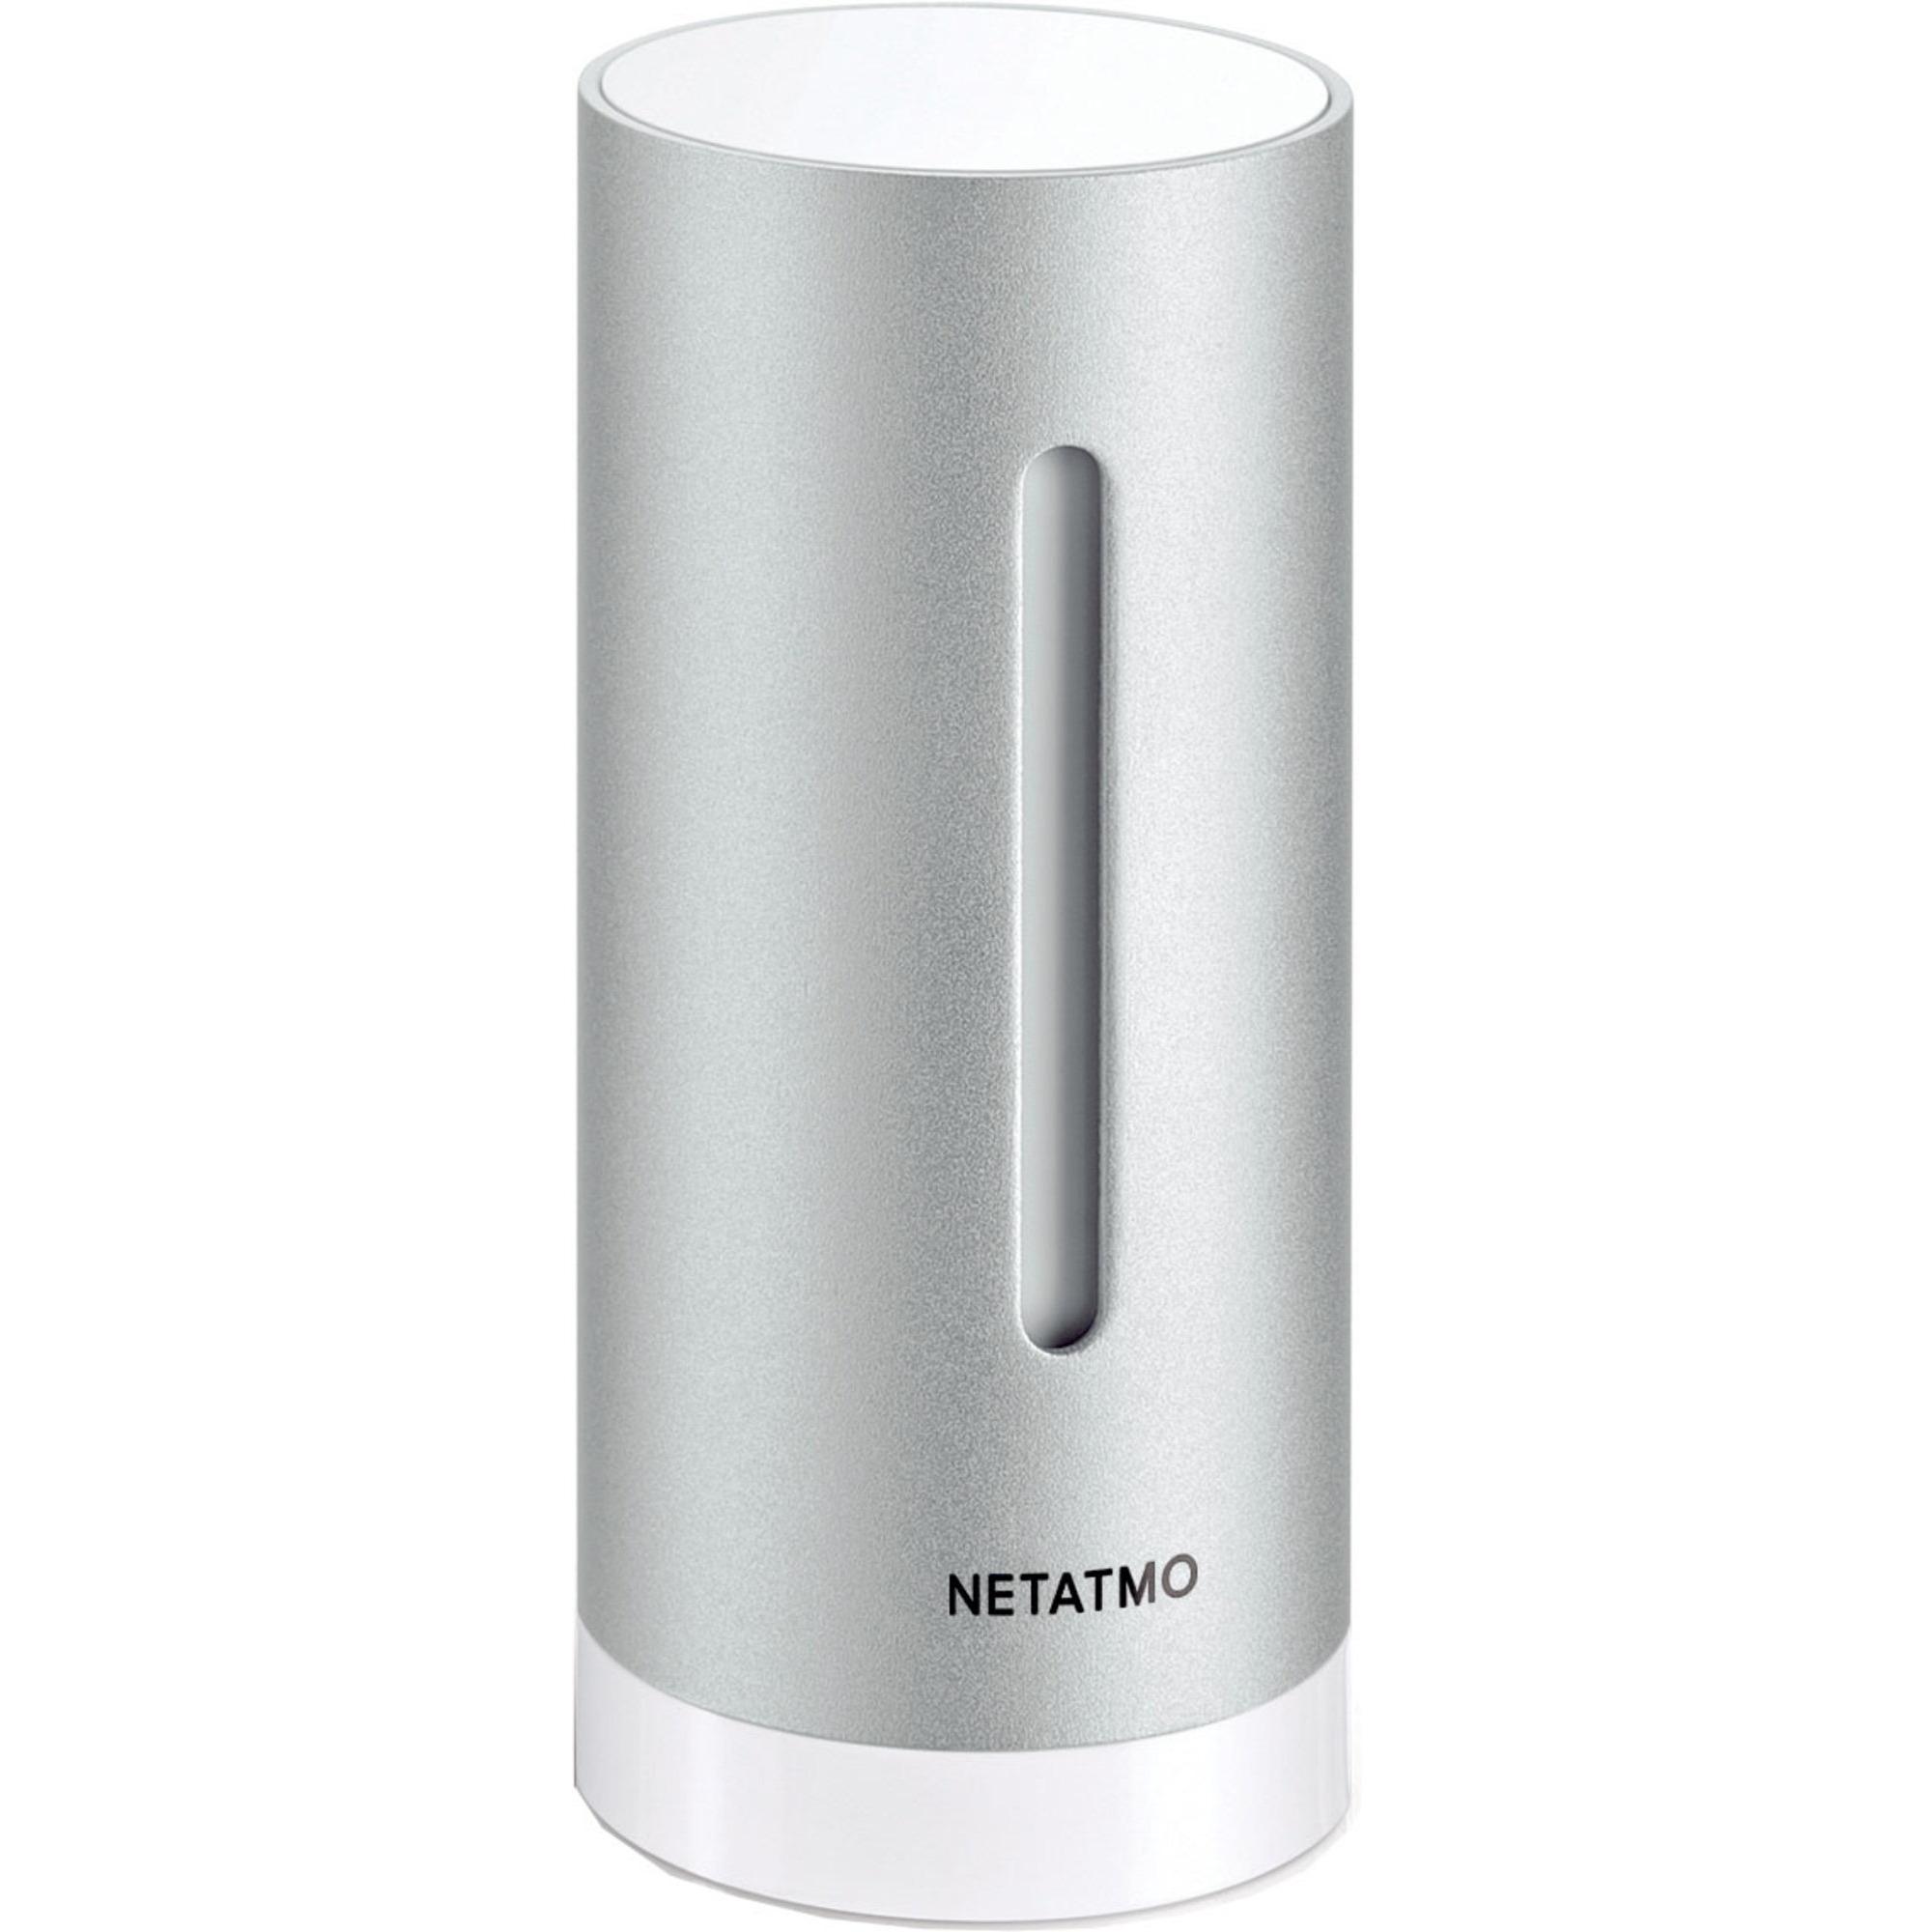 Netatmo Extra inomhusmodul till Smart Väderstation